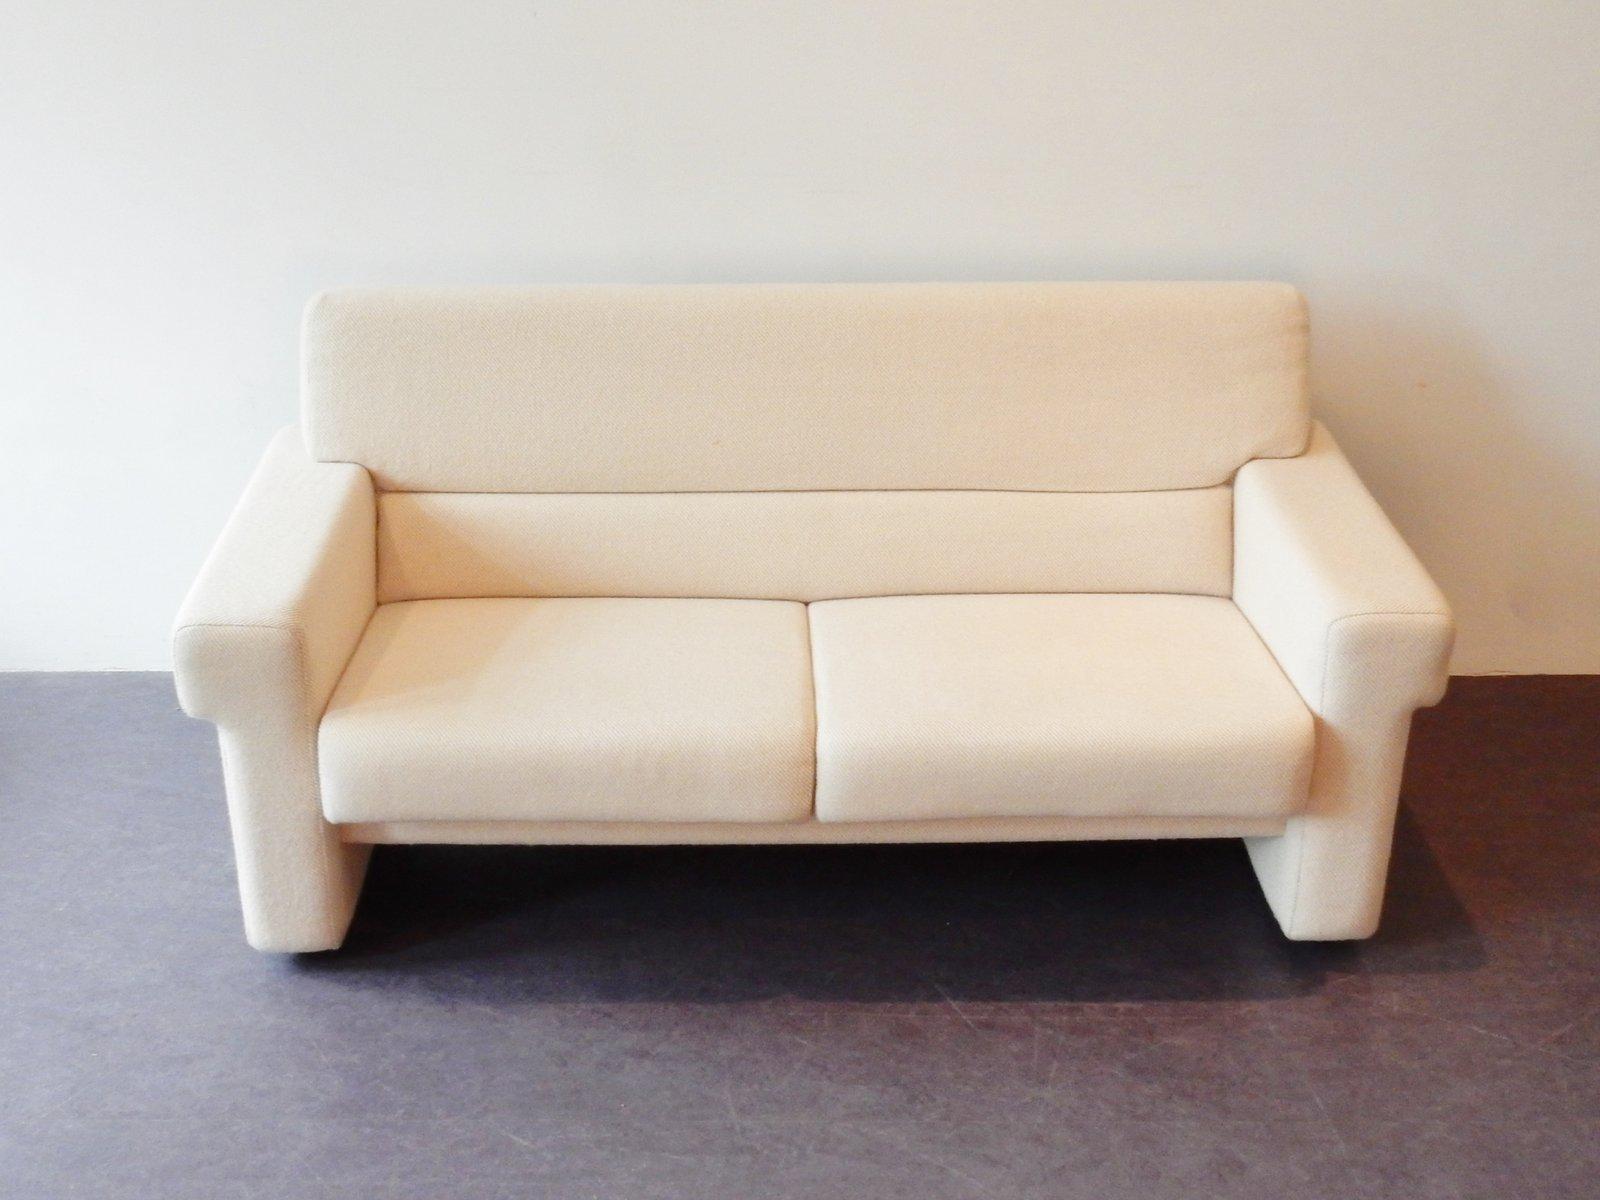 canap par jan des bouvrie pour gelderland pays bas. Black Bedroom Furniture Sets. Home Design Ideas